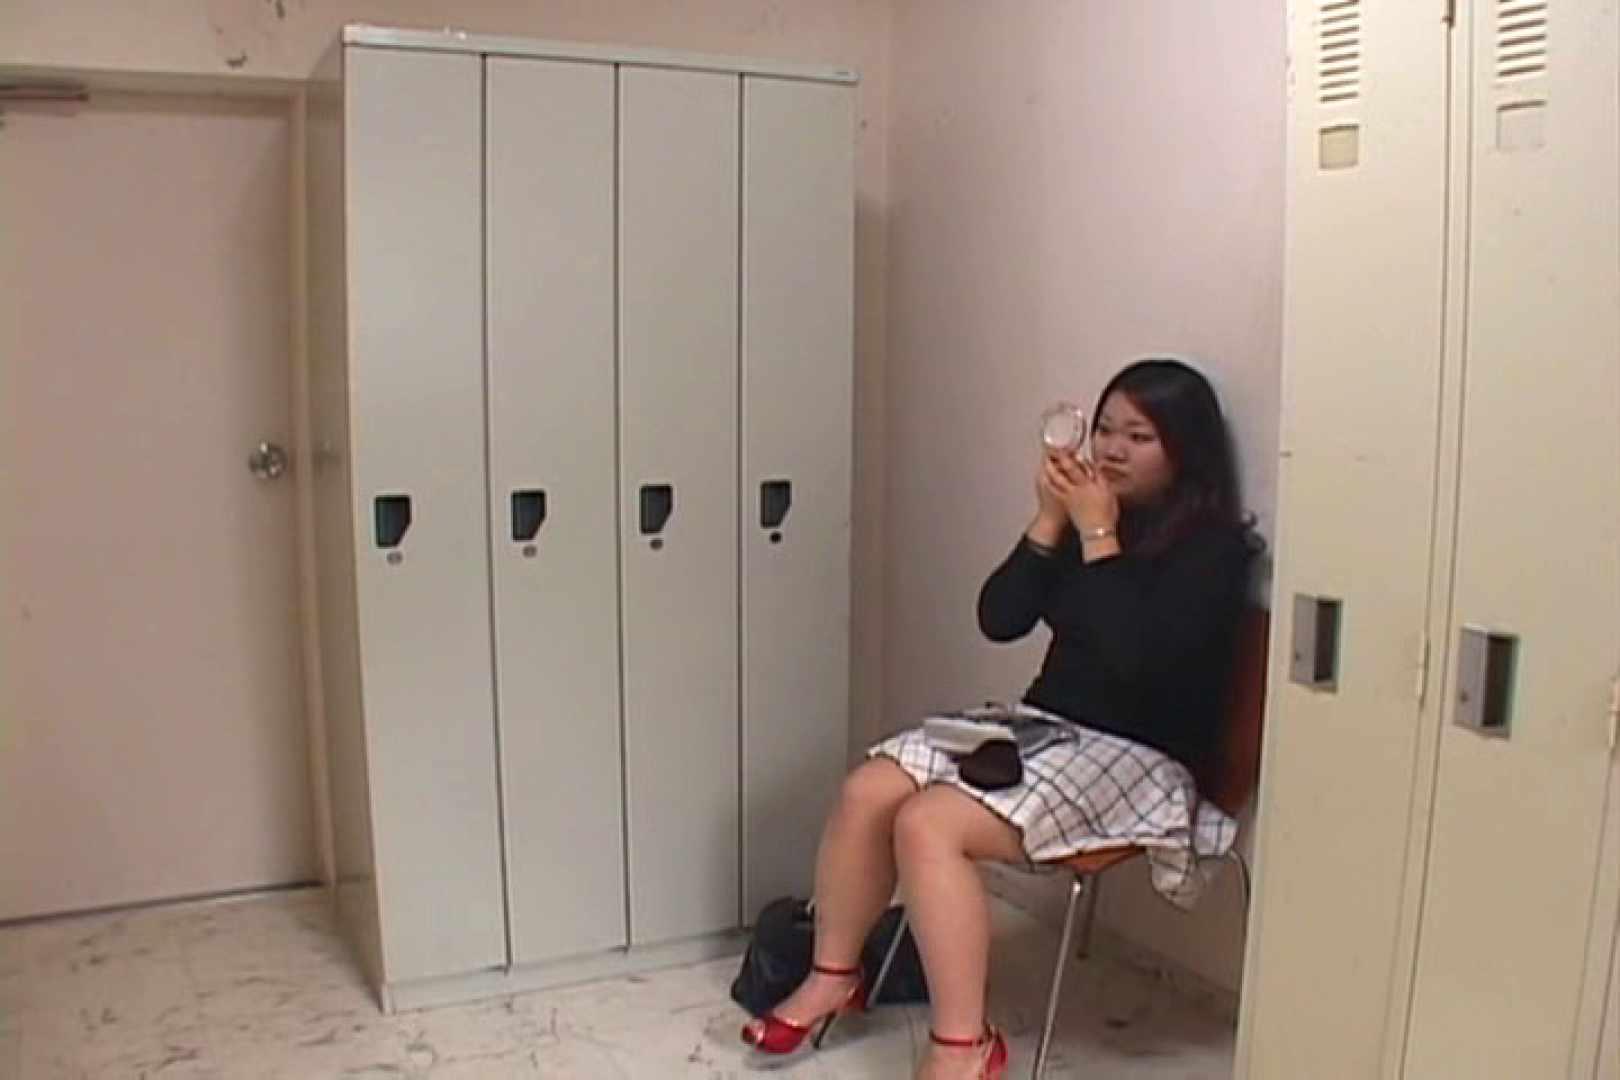 キャバ嬢舞台裏Vol.5 すけべなキャバ嬢 隠し撮りオマンコ動画紹介 83画像 39